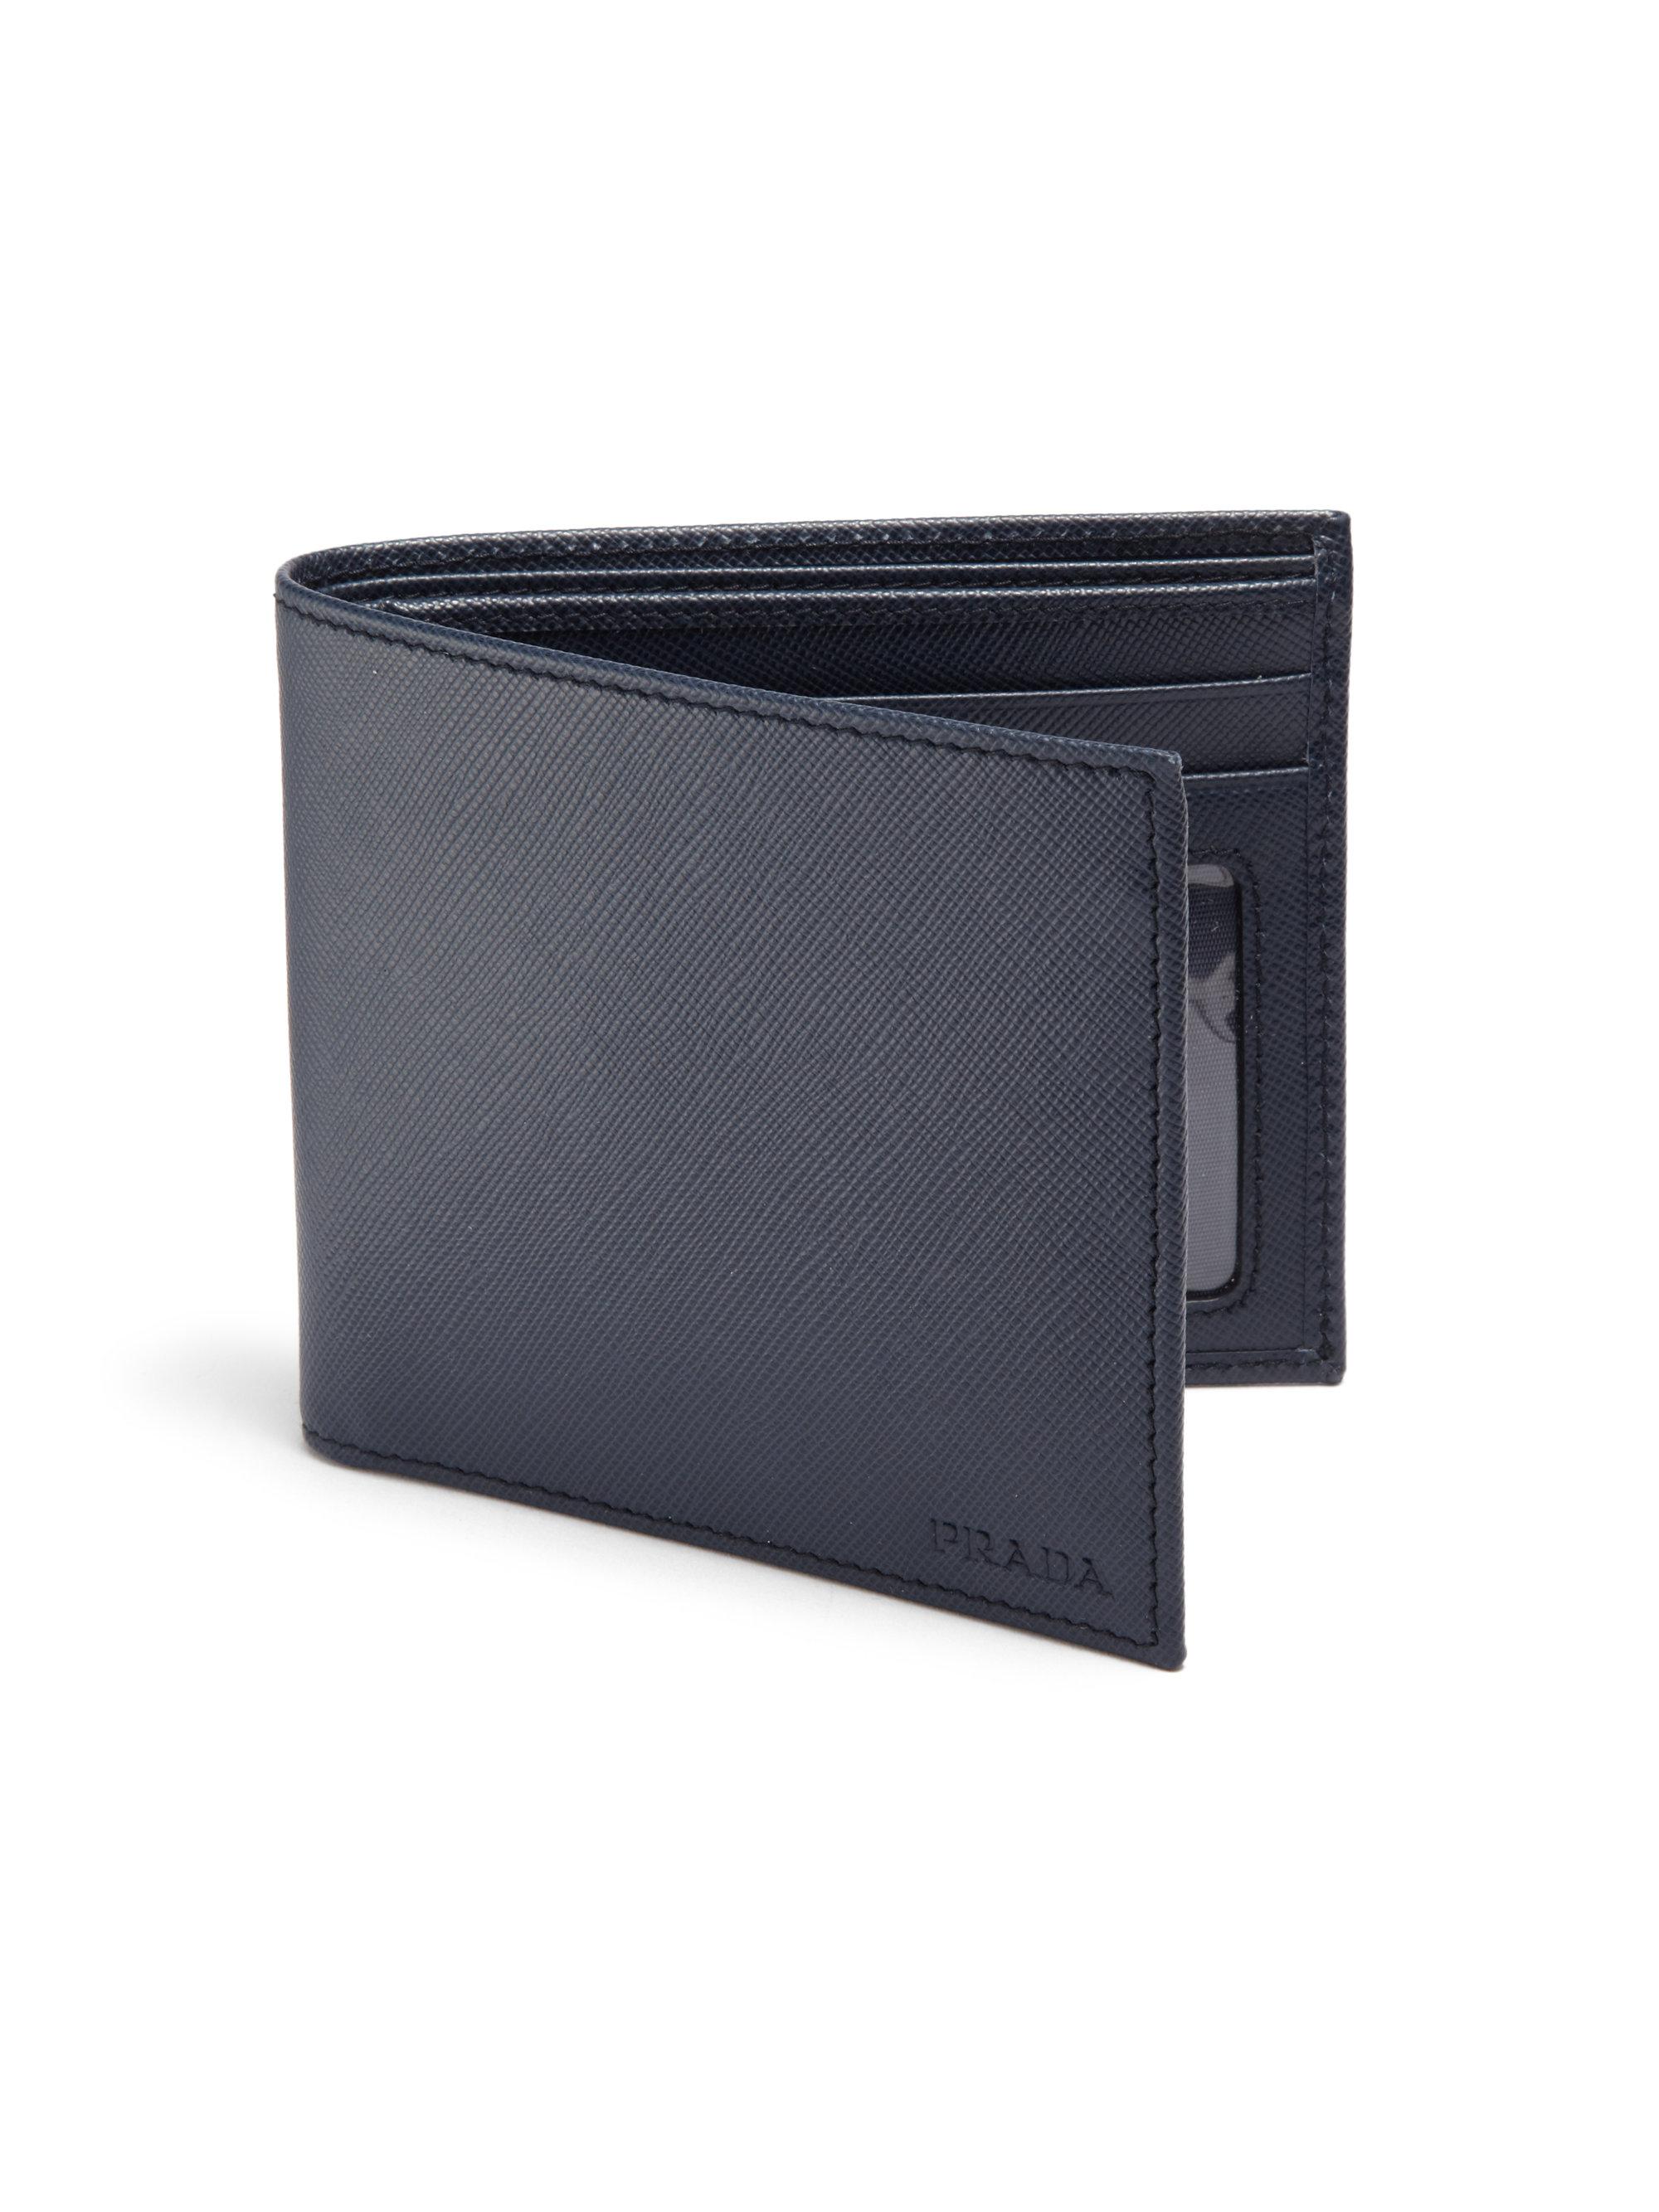 9ae0b8f56b1f Prada Saffiano Leather Billfold Wallet in Black for Men - Lyst